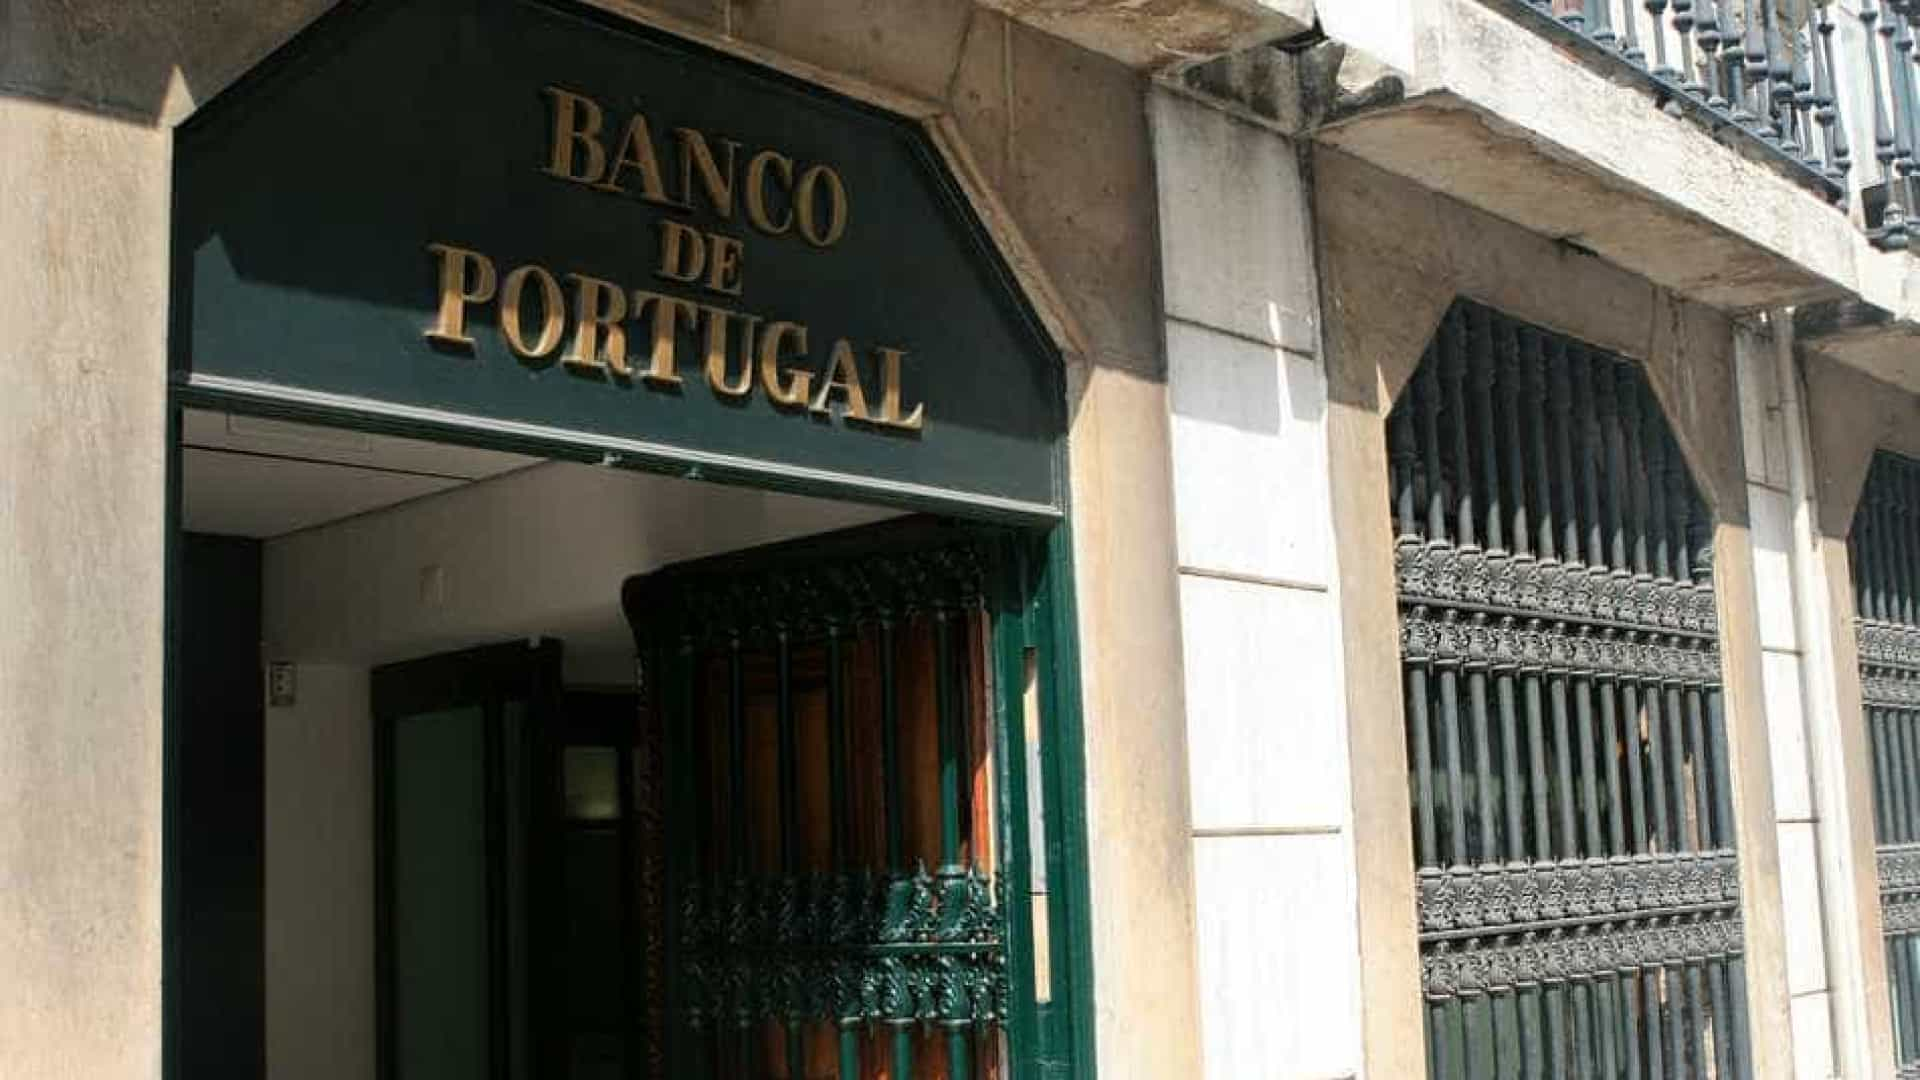 Dívida externa líquida de Portugal cai para 93,6% do PIB em junho